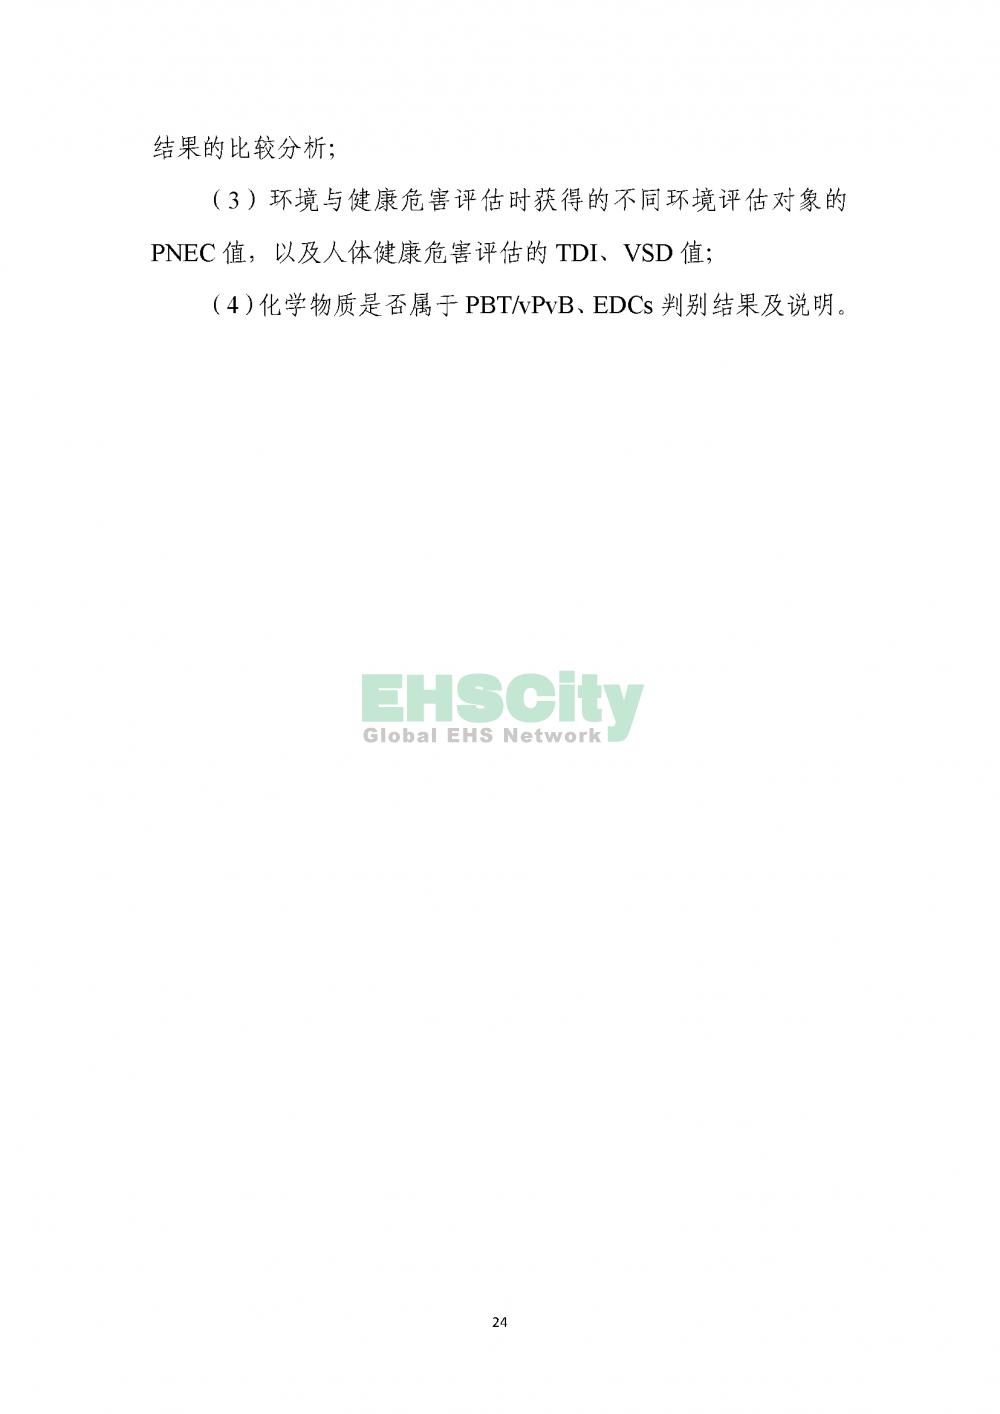 1化学物质环境与健康危害评估技术导则_页面_26